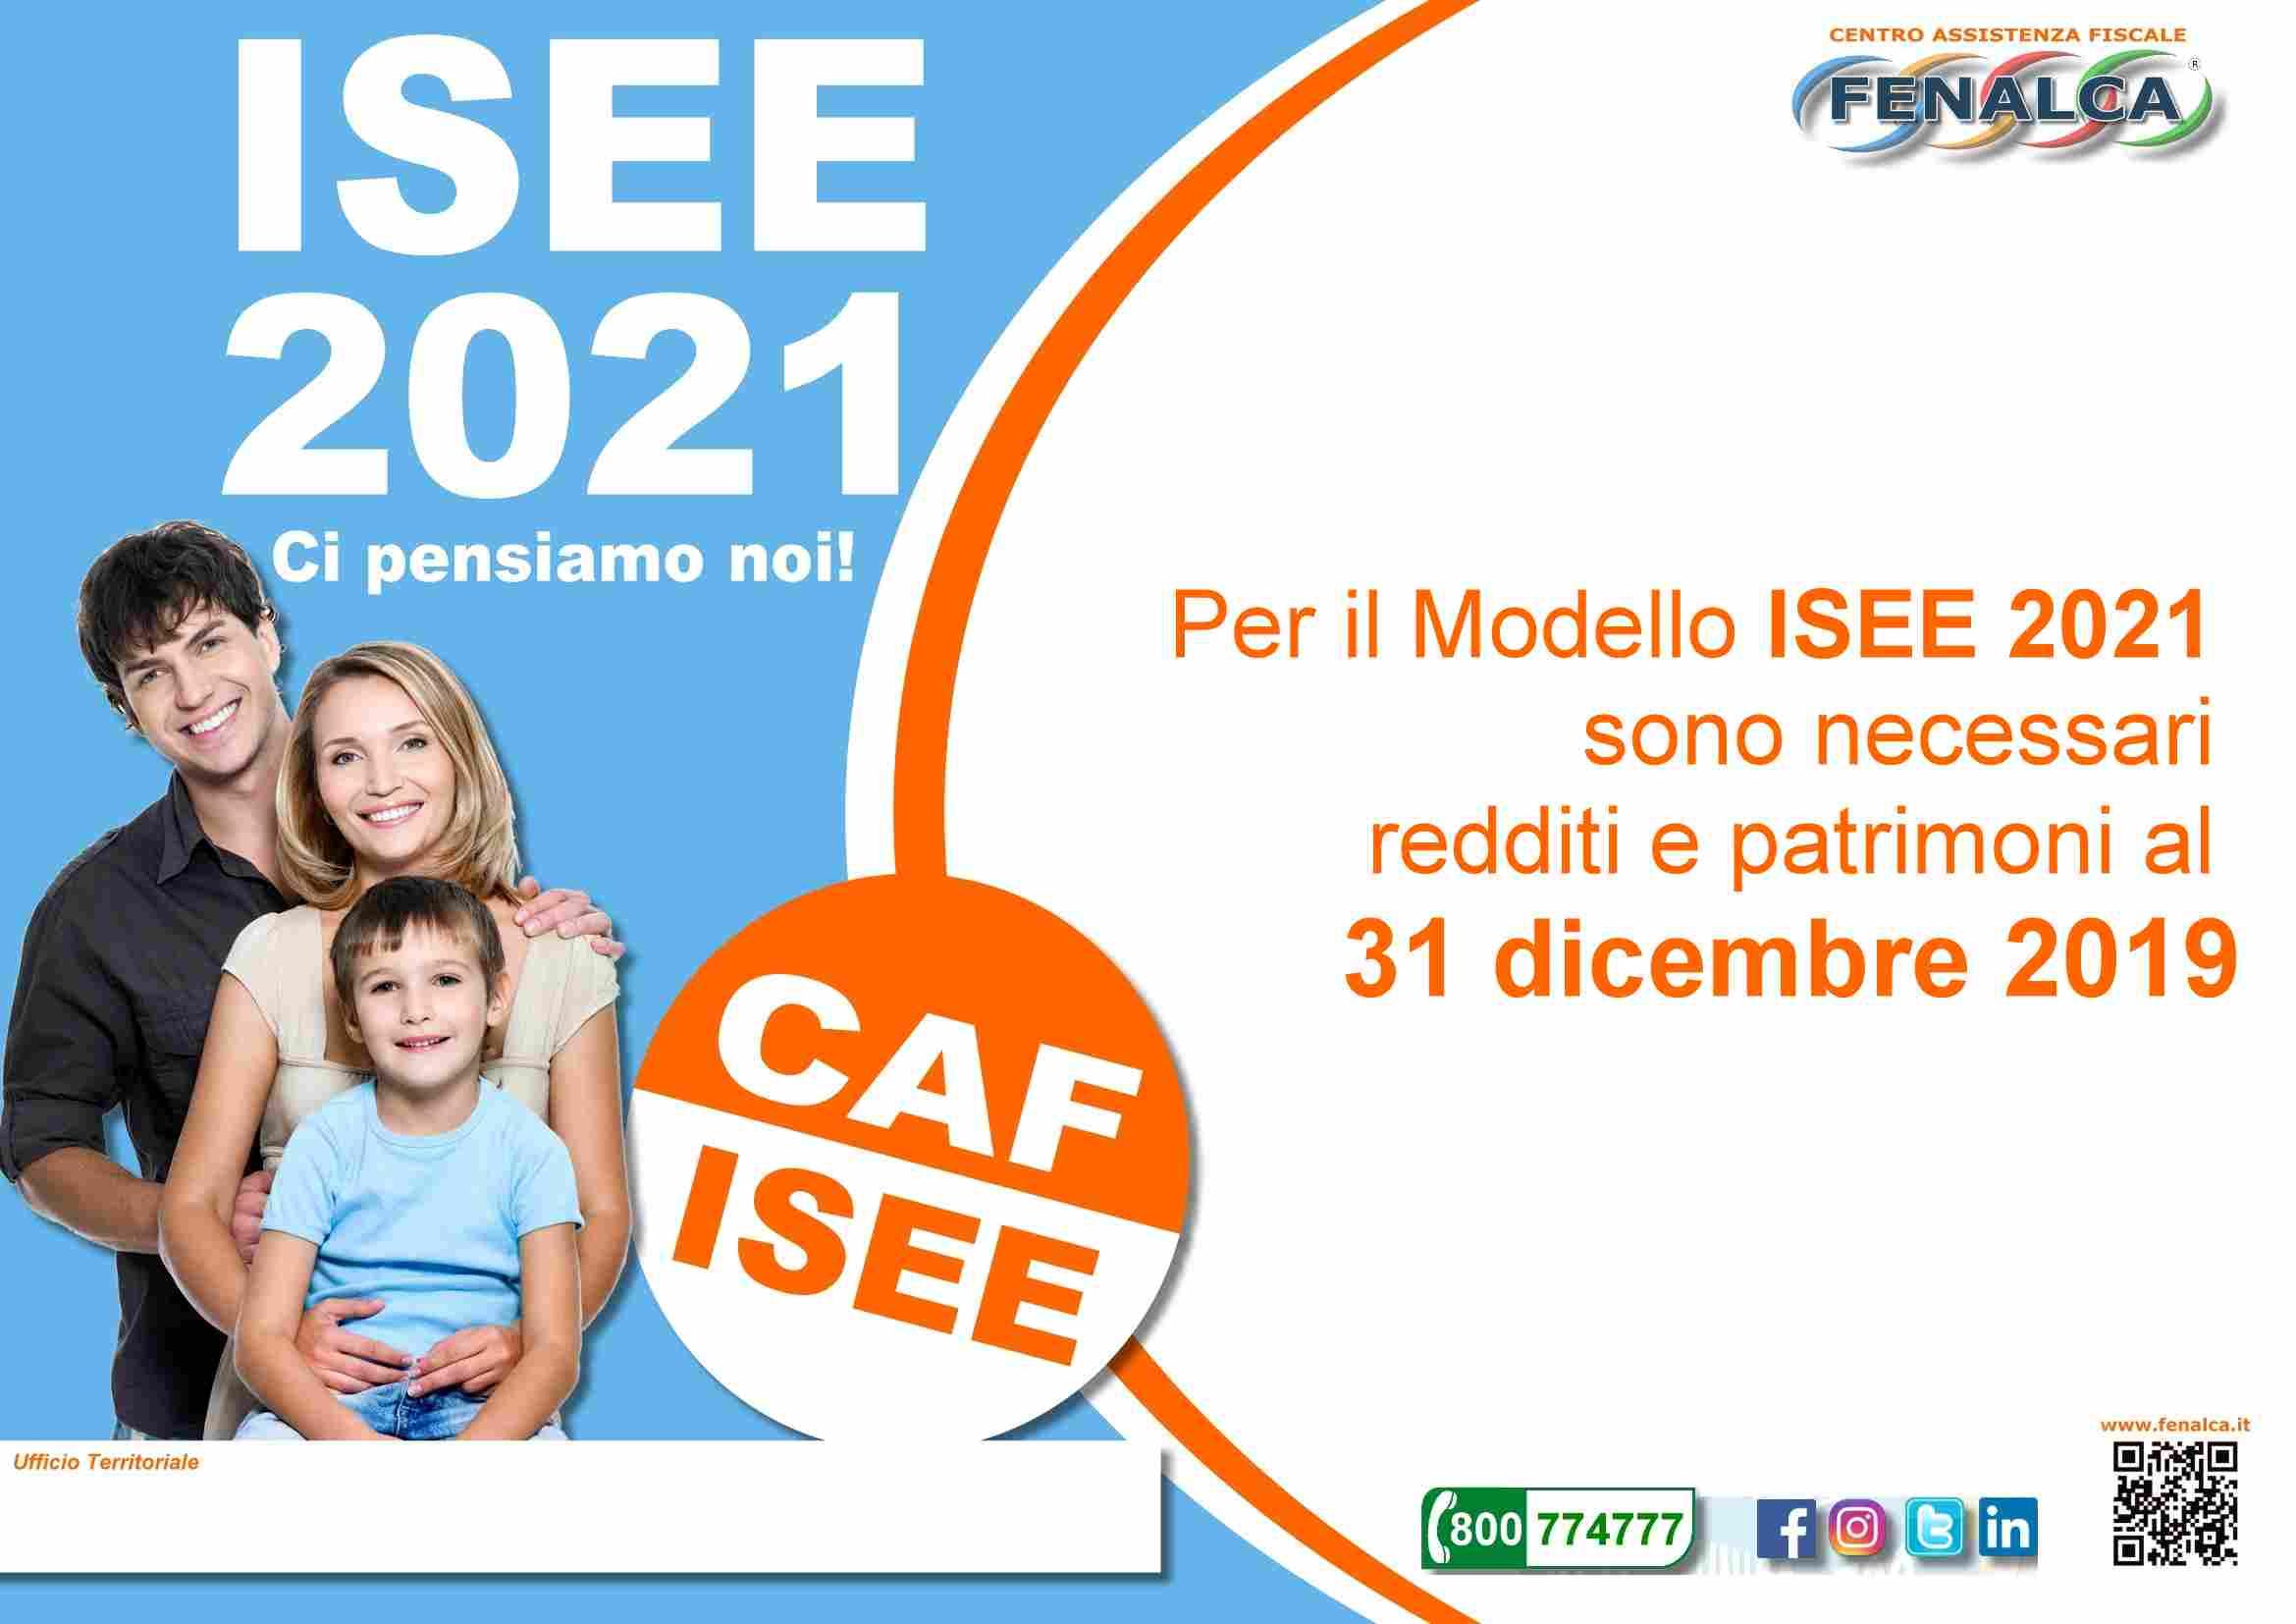 ISEE 2021 documenti necessari e novità